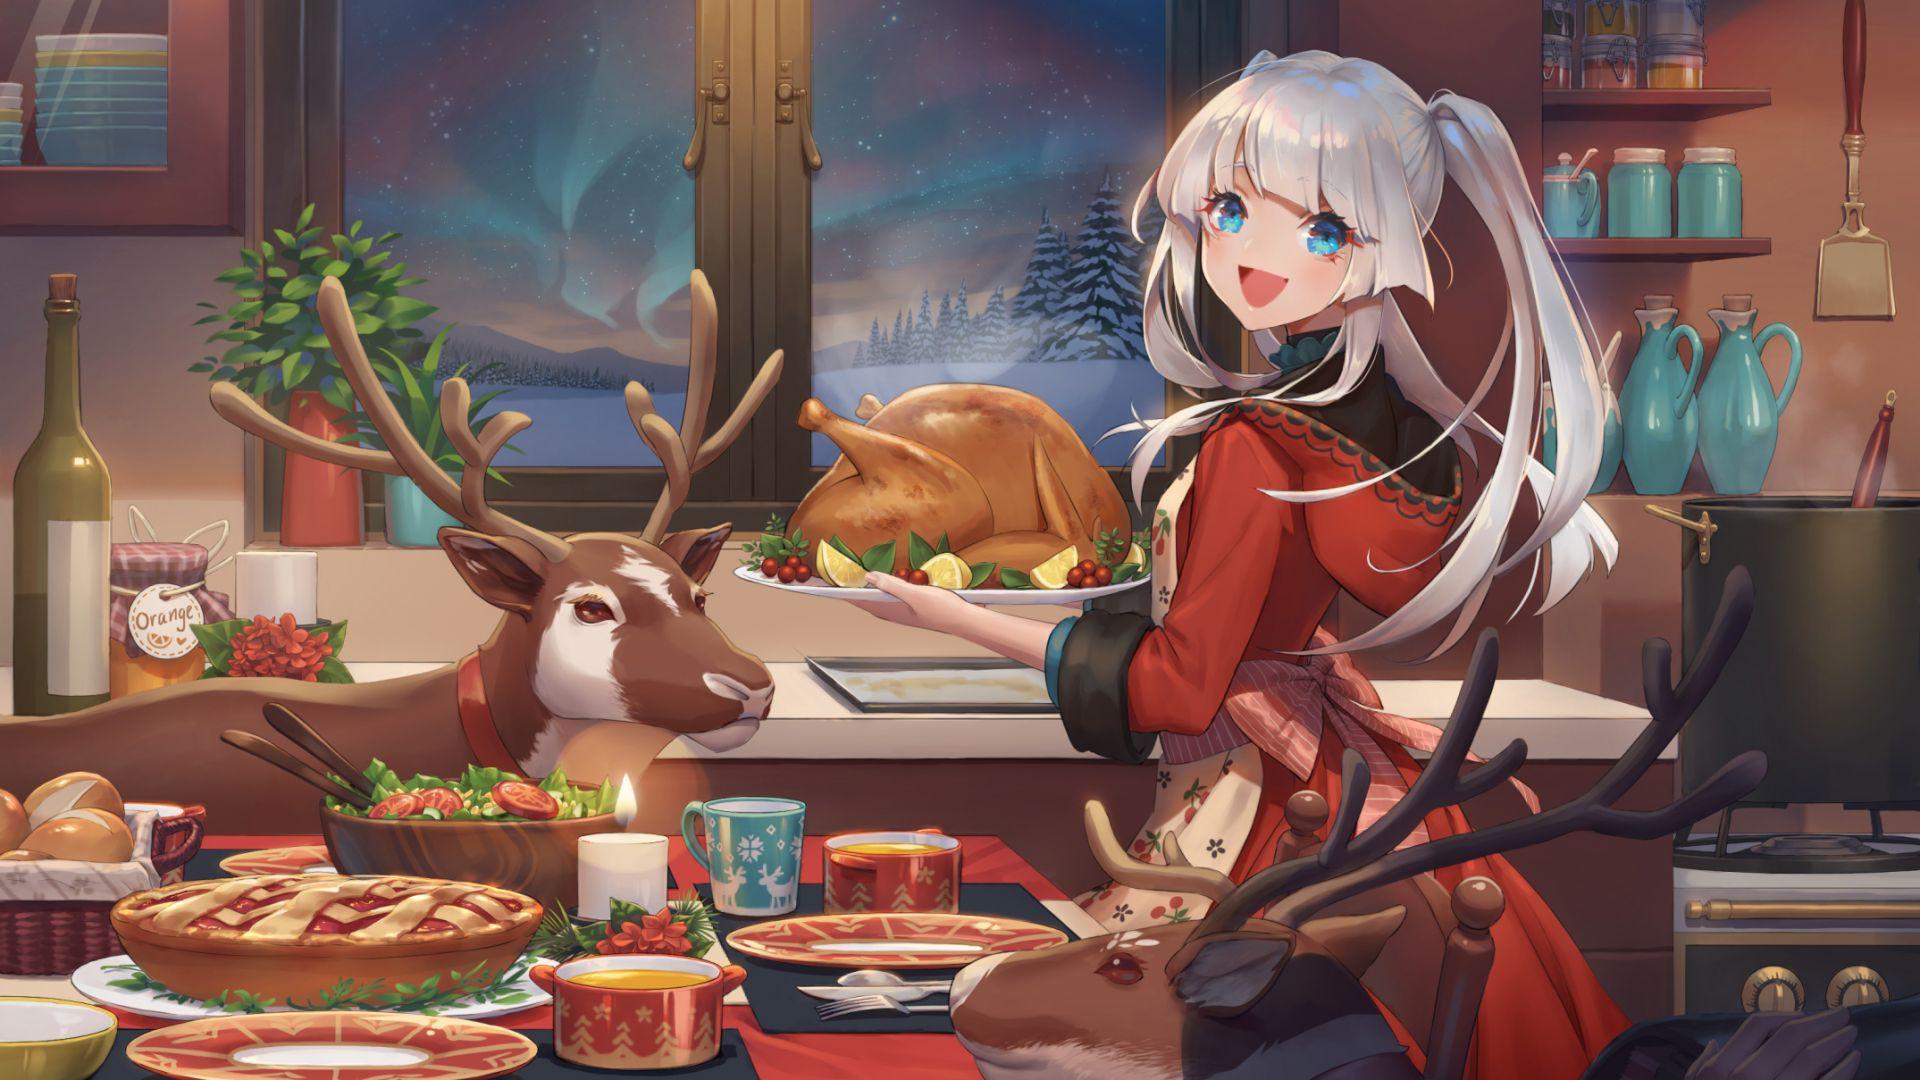 Wallpaper Dinner, anime girl, Christmas